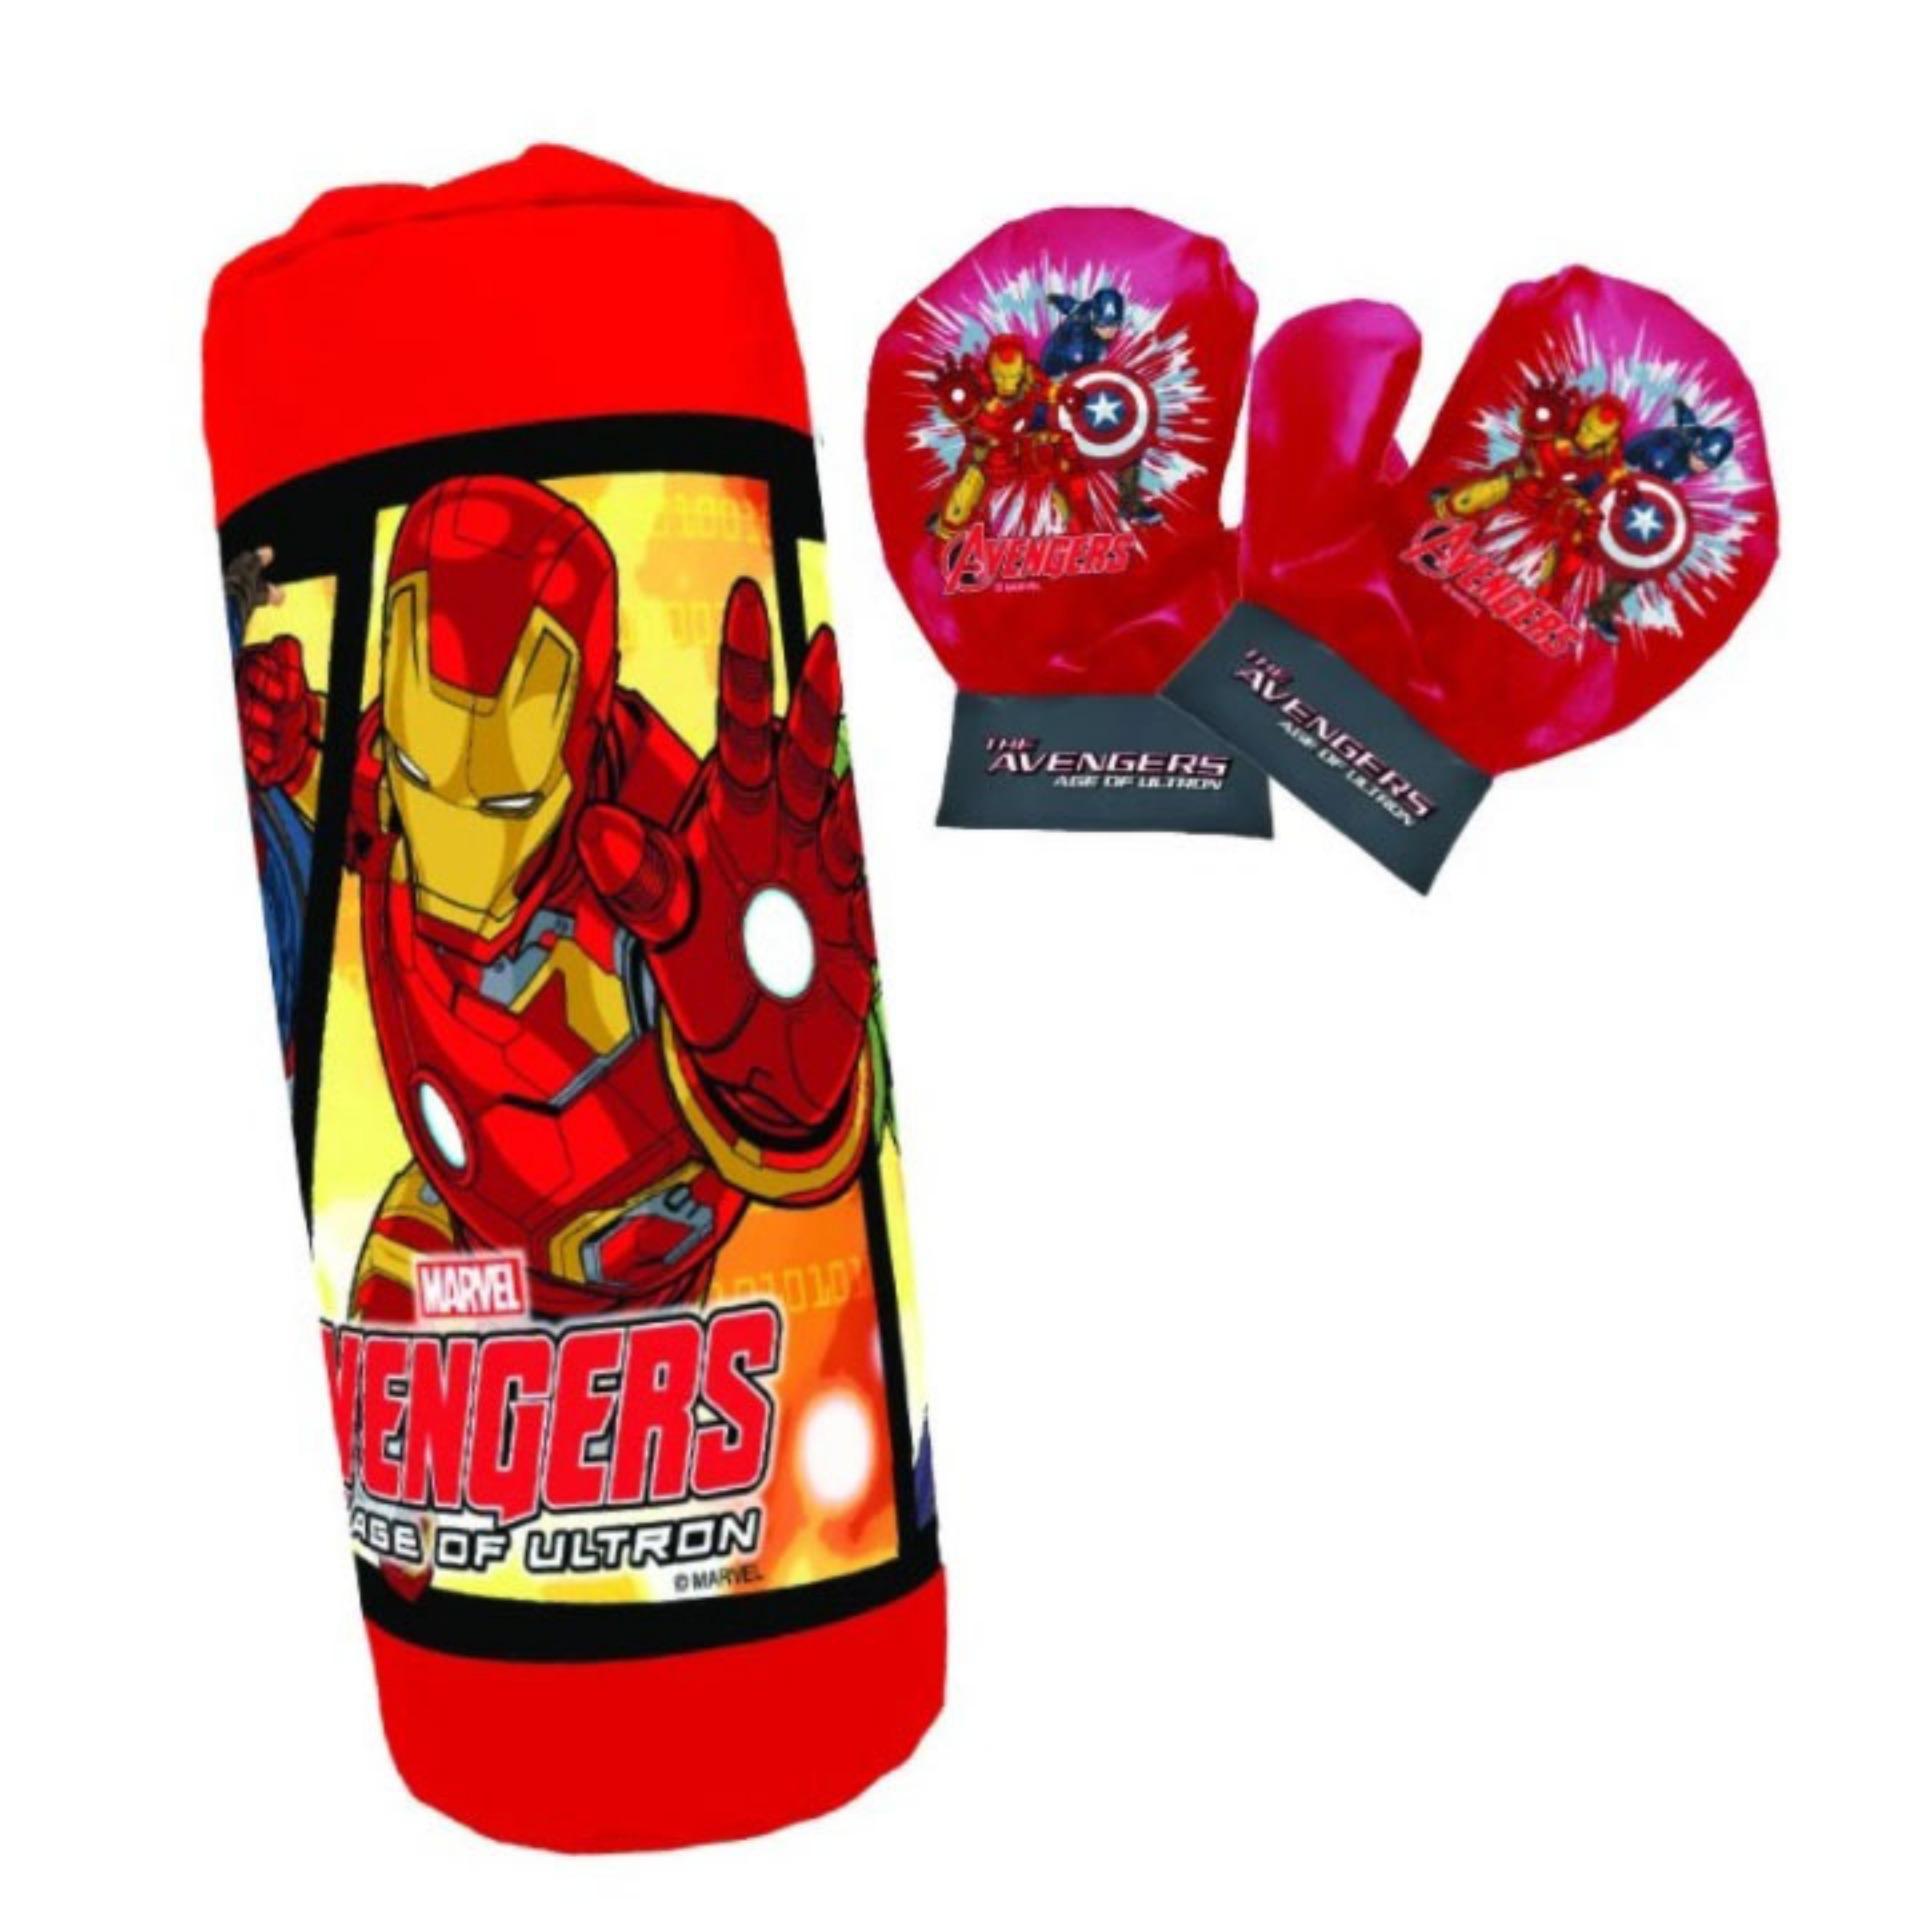 ชุดต่อยมวยของเล่น Marvel นวมเด็ก+กระสอบทราย ลิขสิทธิ์แท้